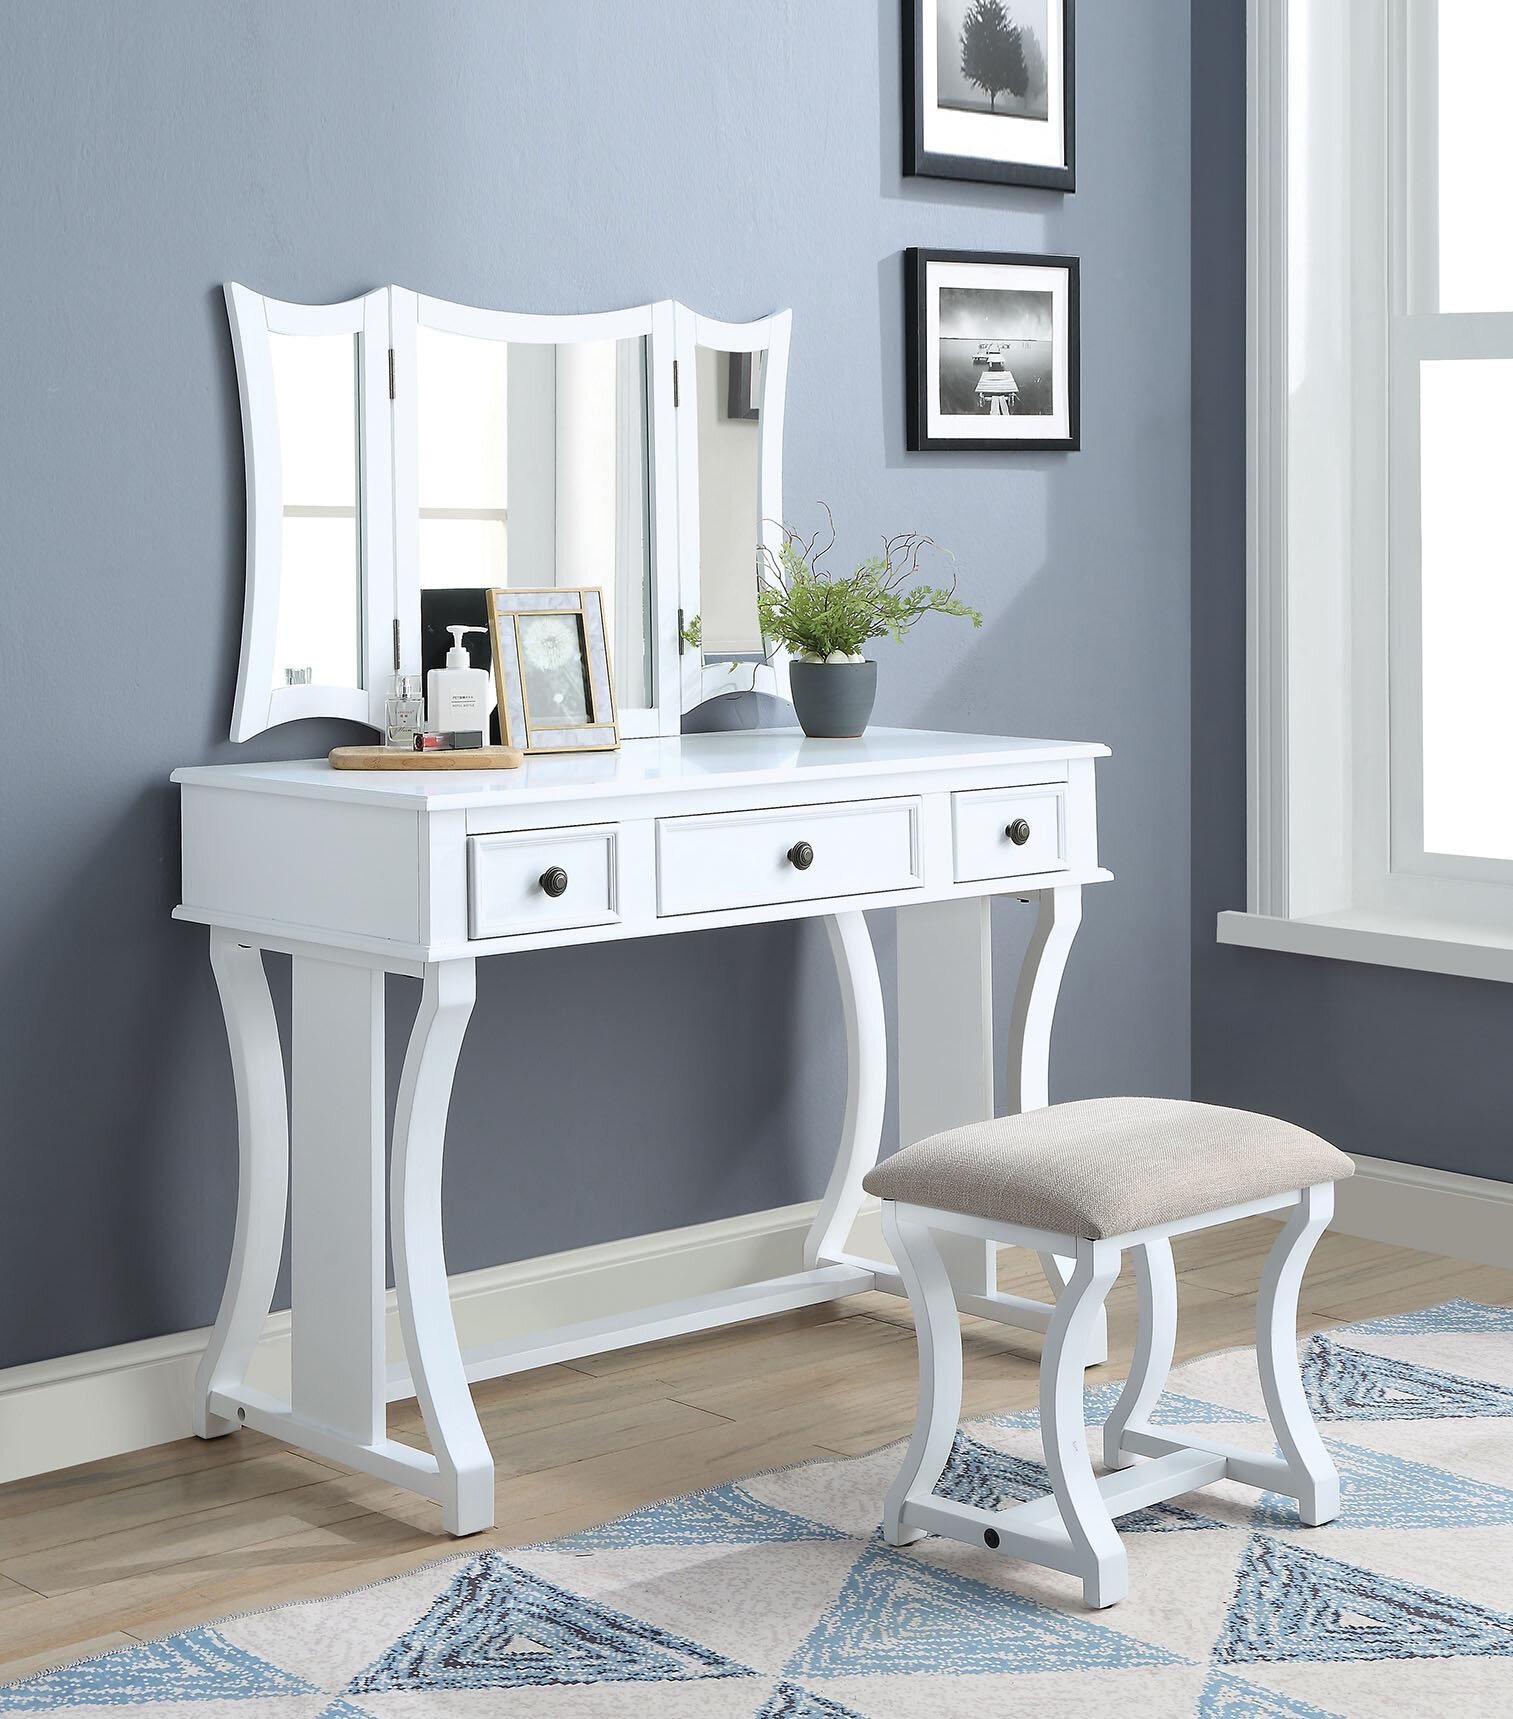 Dressing Tables Grey Quilted Dressing Table Makeup Desk Velvet Drawers Bedroom Furniture Vanity Home Furniture Diy Quatrok Com Br